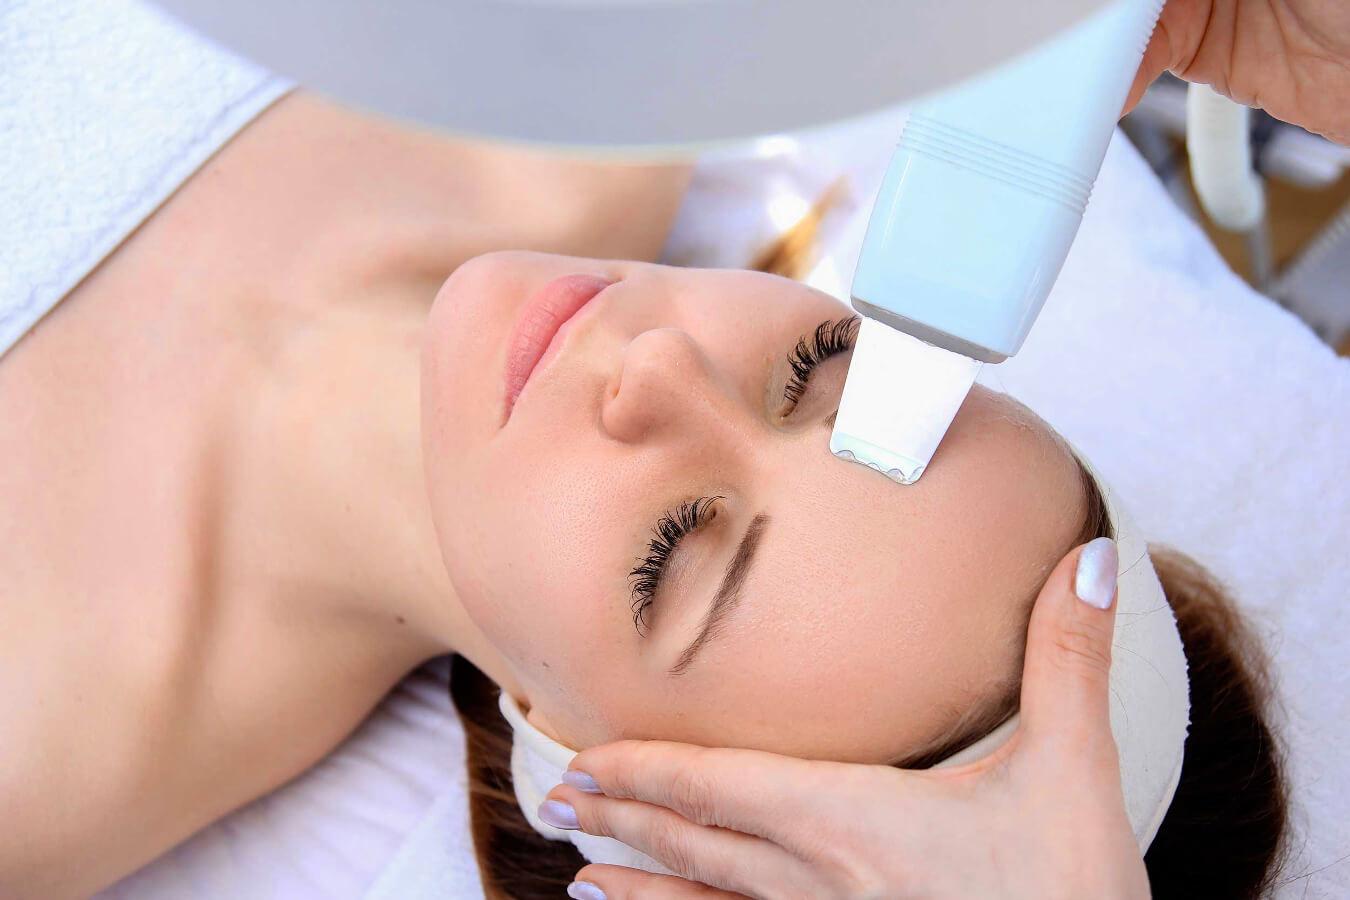 Мануальная чистка лица: что это такое, отзывы, цены, как проходит ручная процедура у косметолога, фото до и после, видео, период заживления, противопоказания, побочные действия, плюсы и минусы